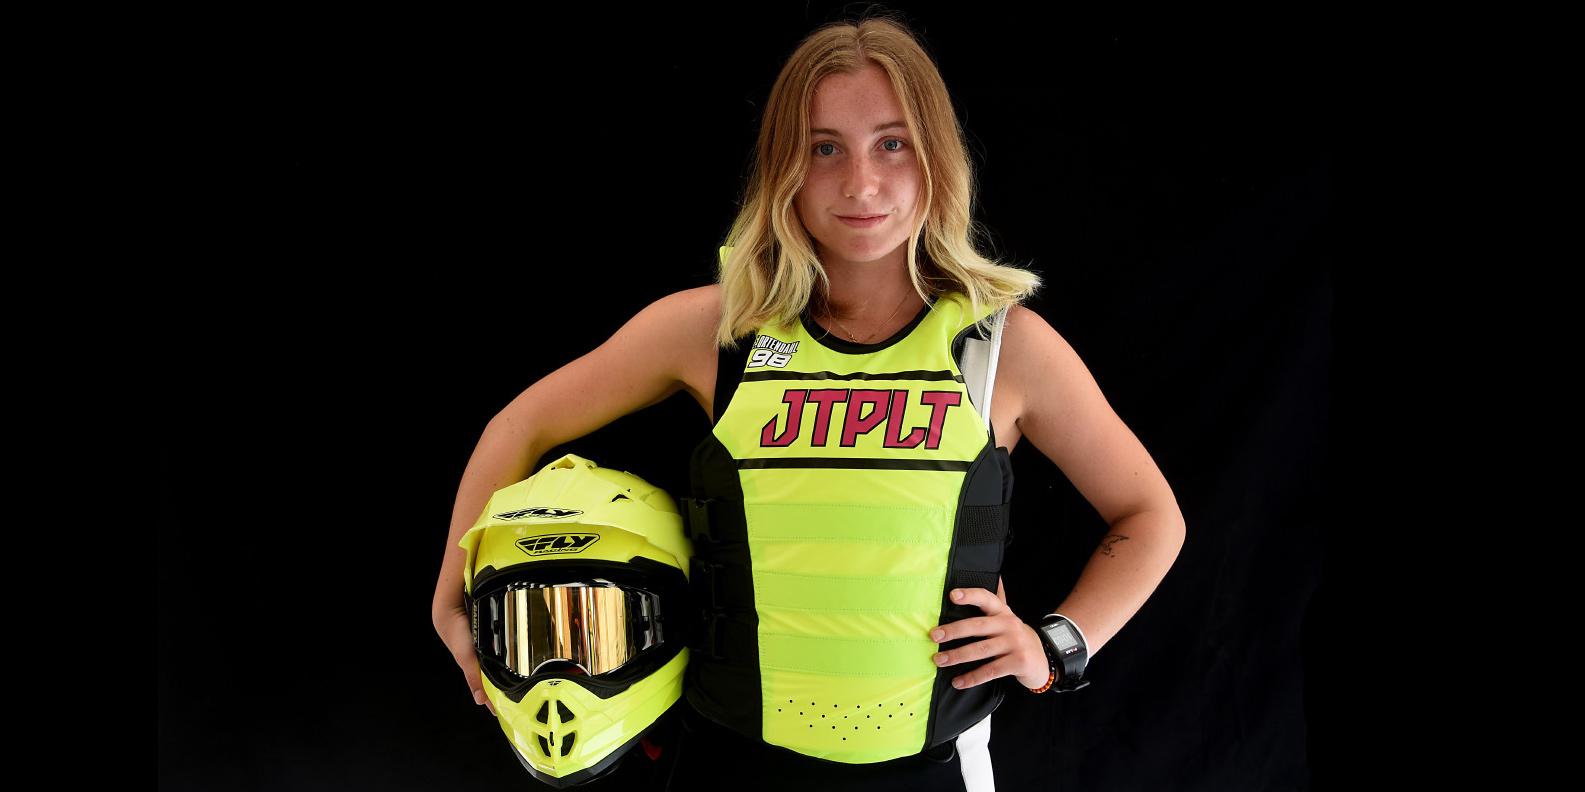 Emma-Nellie Örtendahl, världsmästare i vattenskotersporten AquaBike, blir TV-spelsfigur i spel från Zordix.